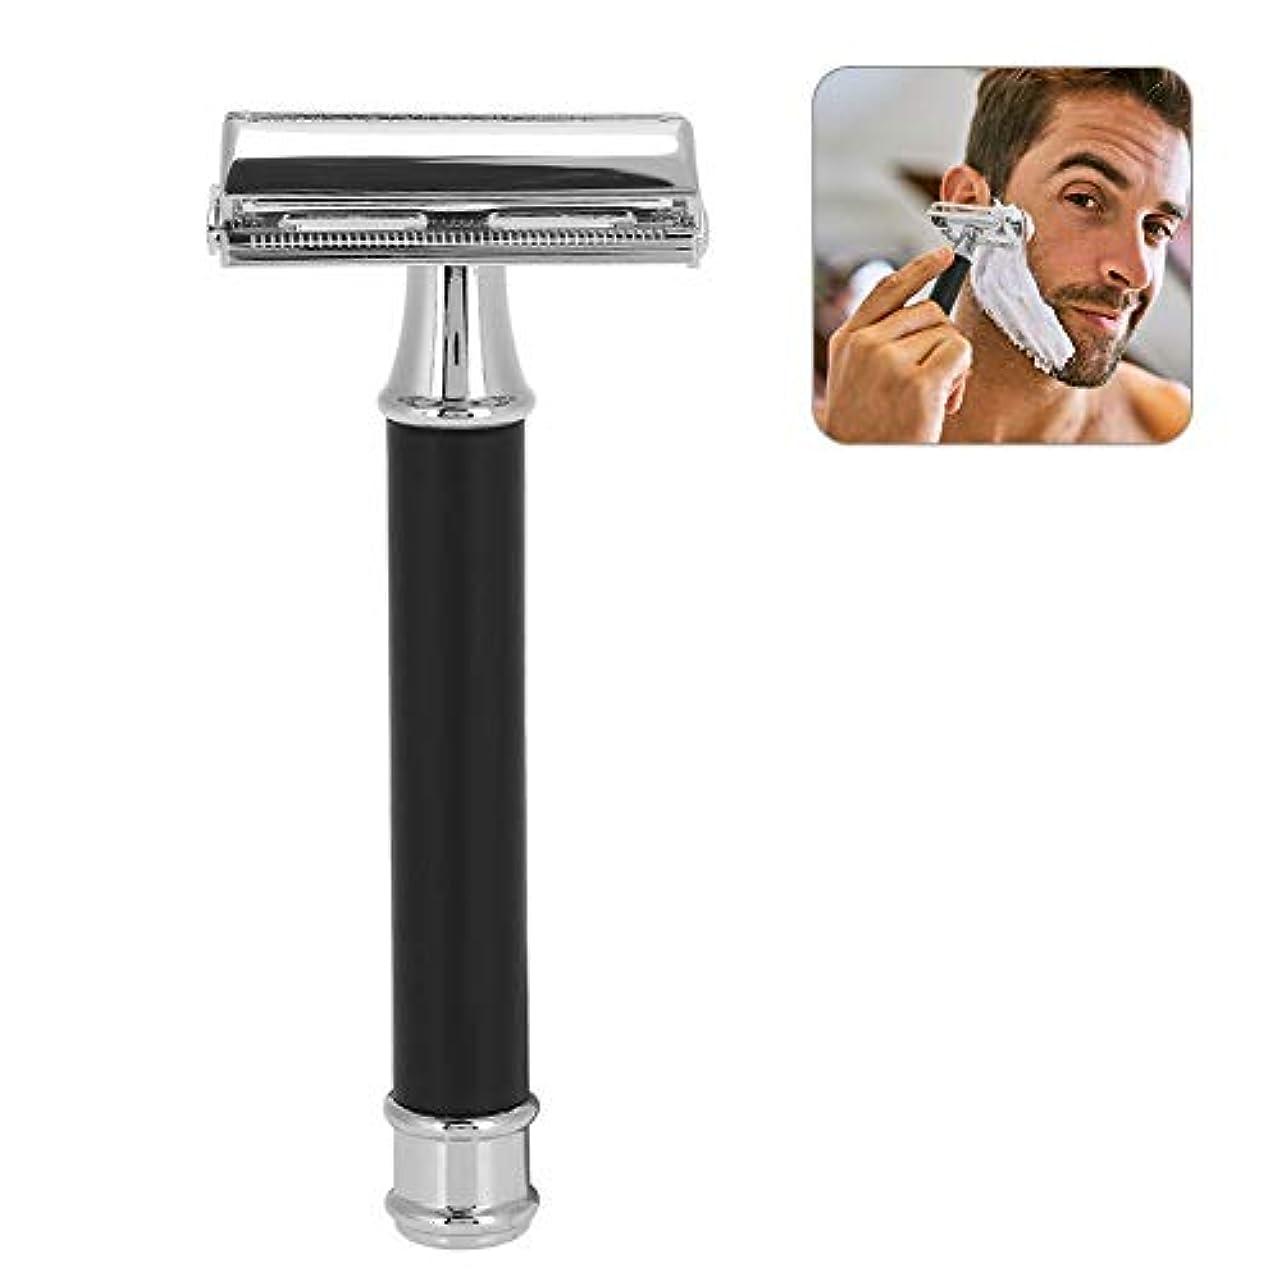 有効シフト全く両刃カミソリホルダー メンズシェーバー クラシックレイザー 脱毛器 剃刀 手動 交換可能なブレード 両面ナイフ